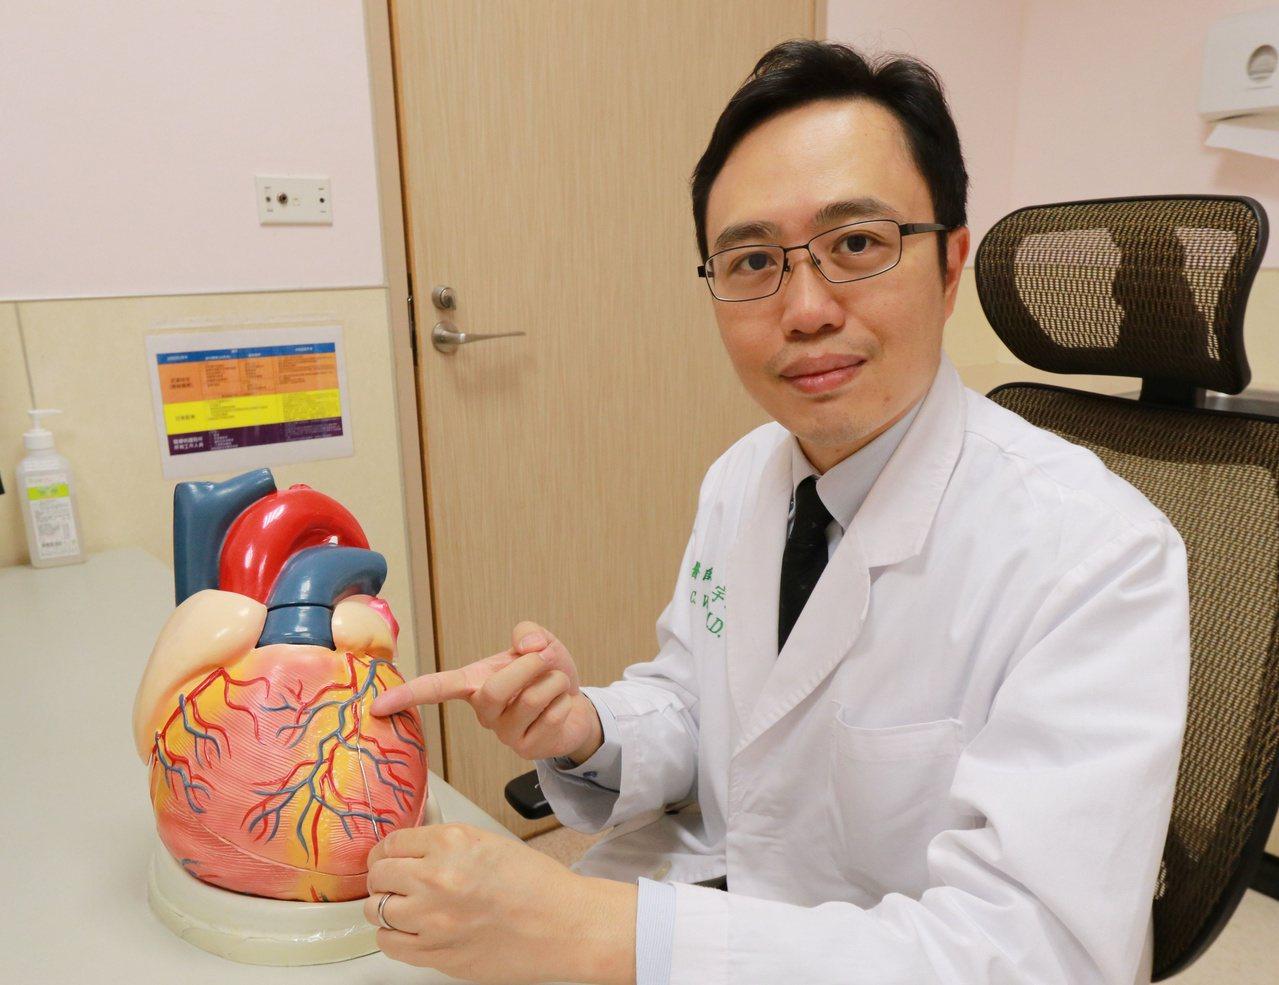 醫師王宇澄建議,民眾若有運動胸悶或呼吸困難等心臟不適症狀,建議及早至心臟科門診就...